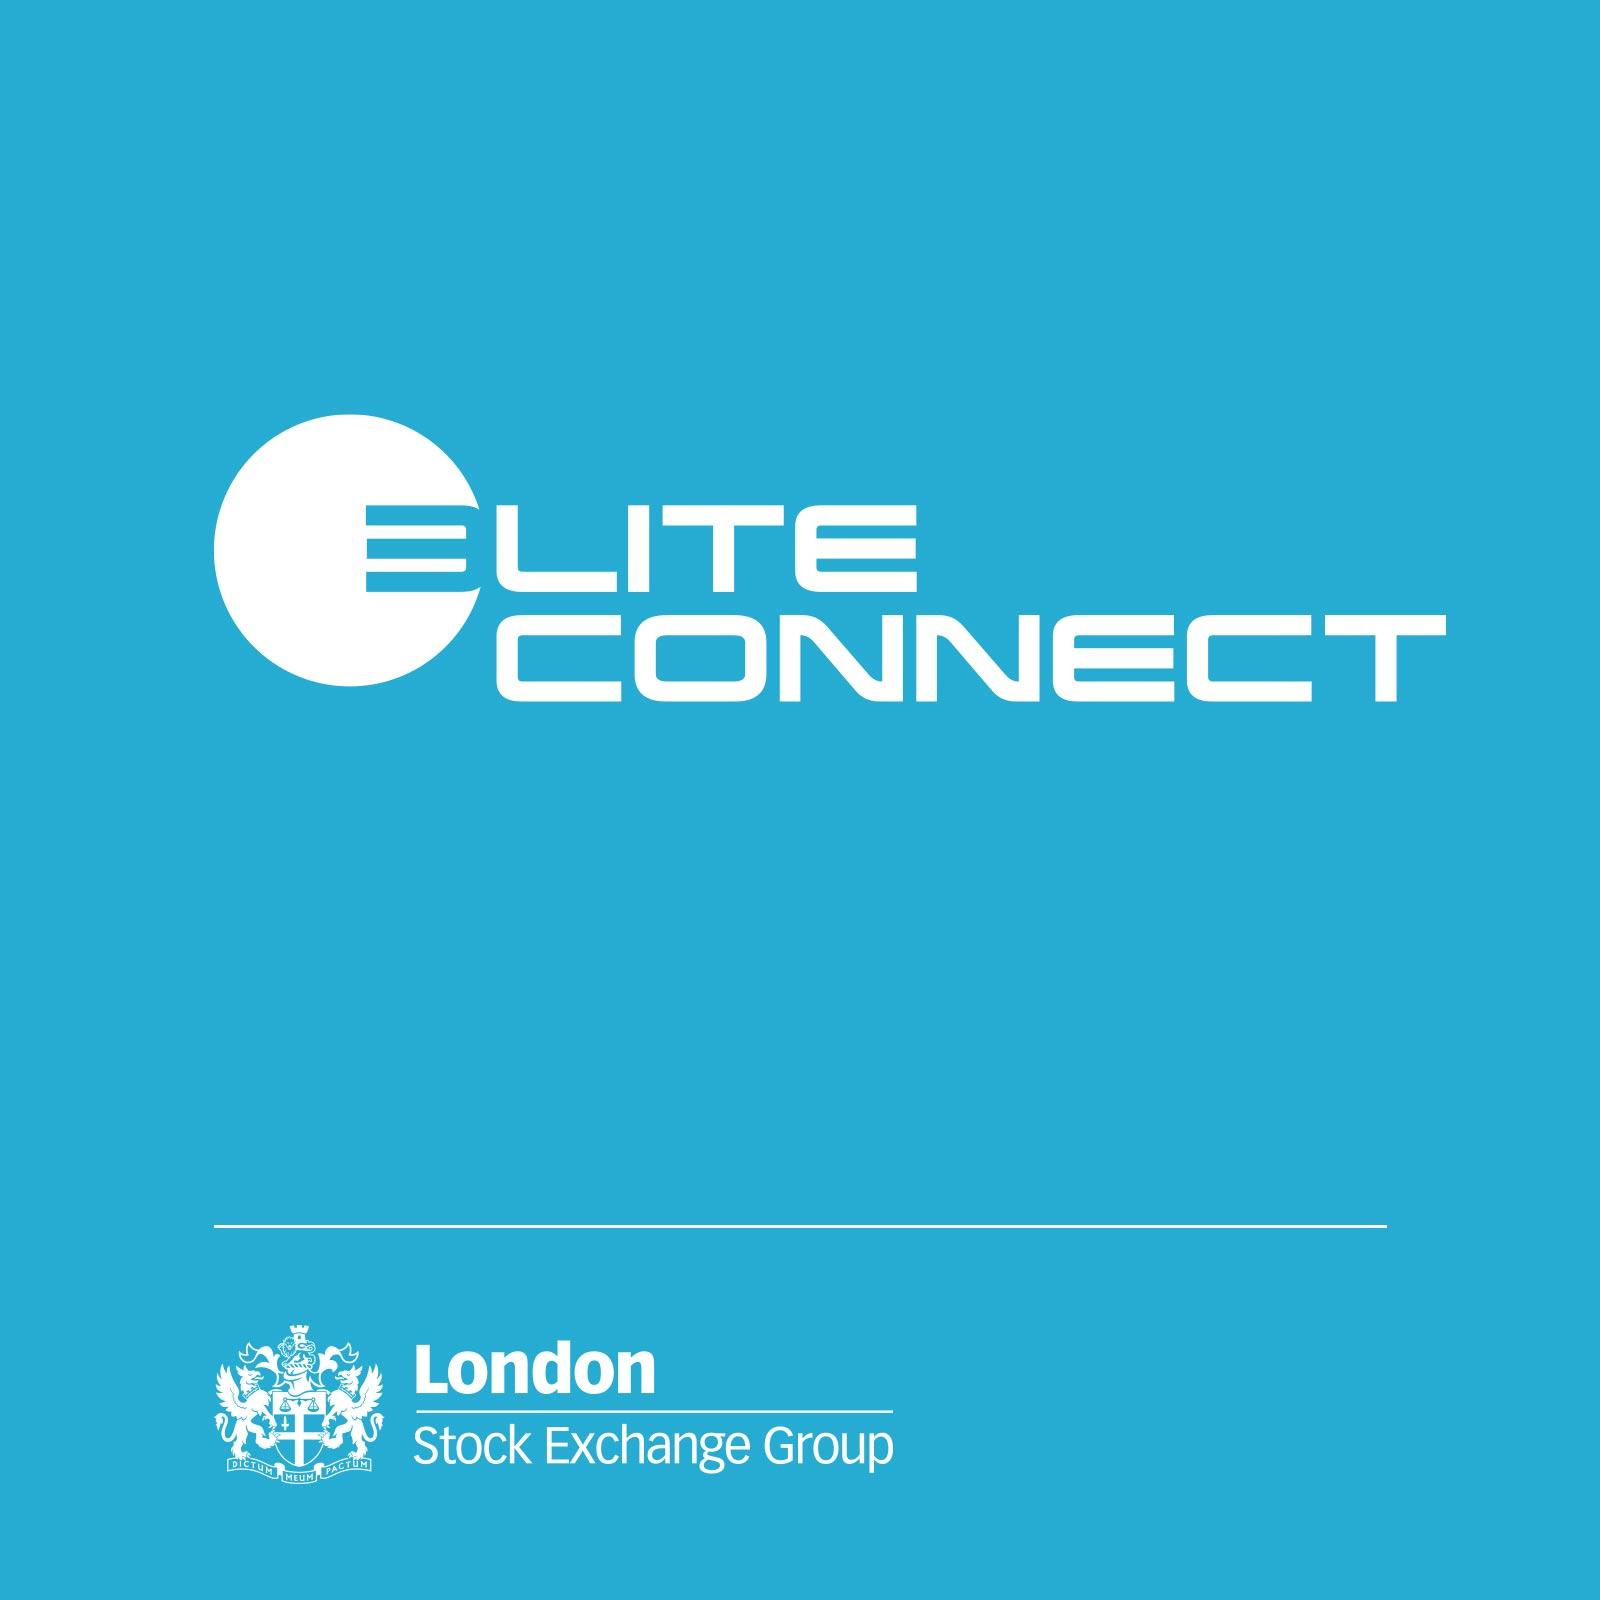 Elite-connect_V3.jpg